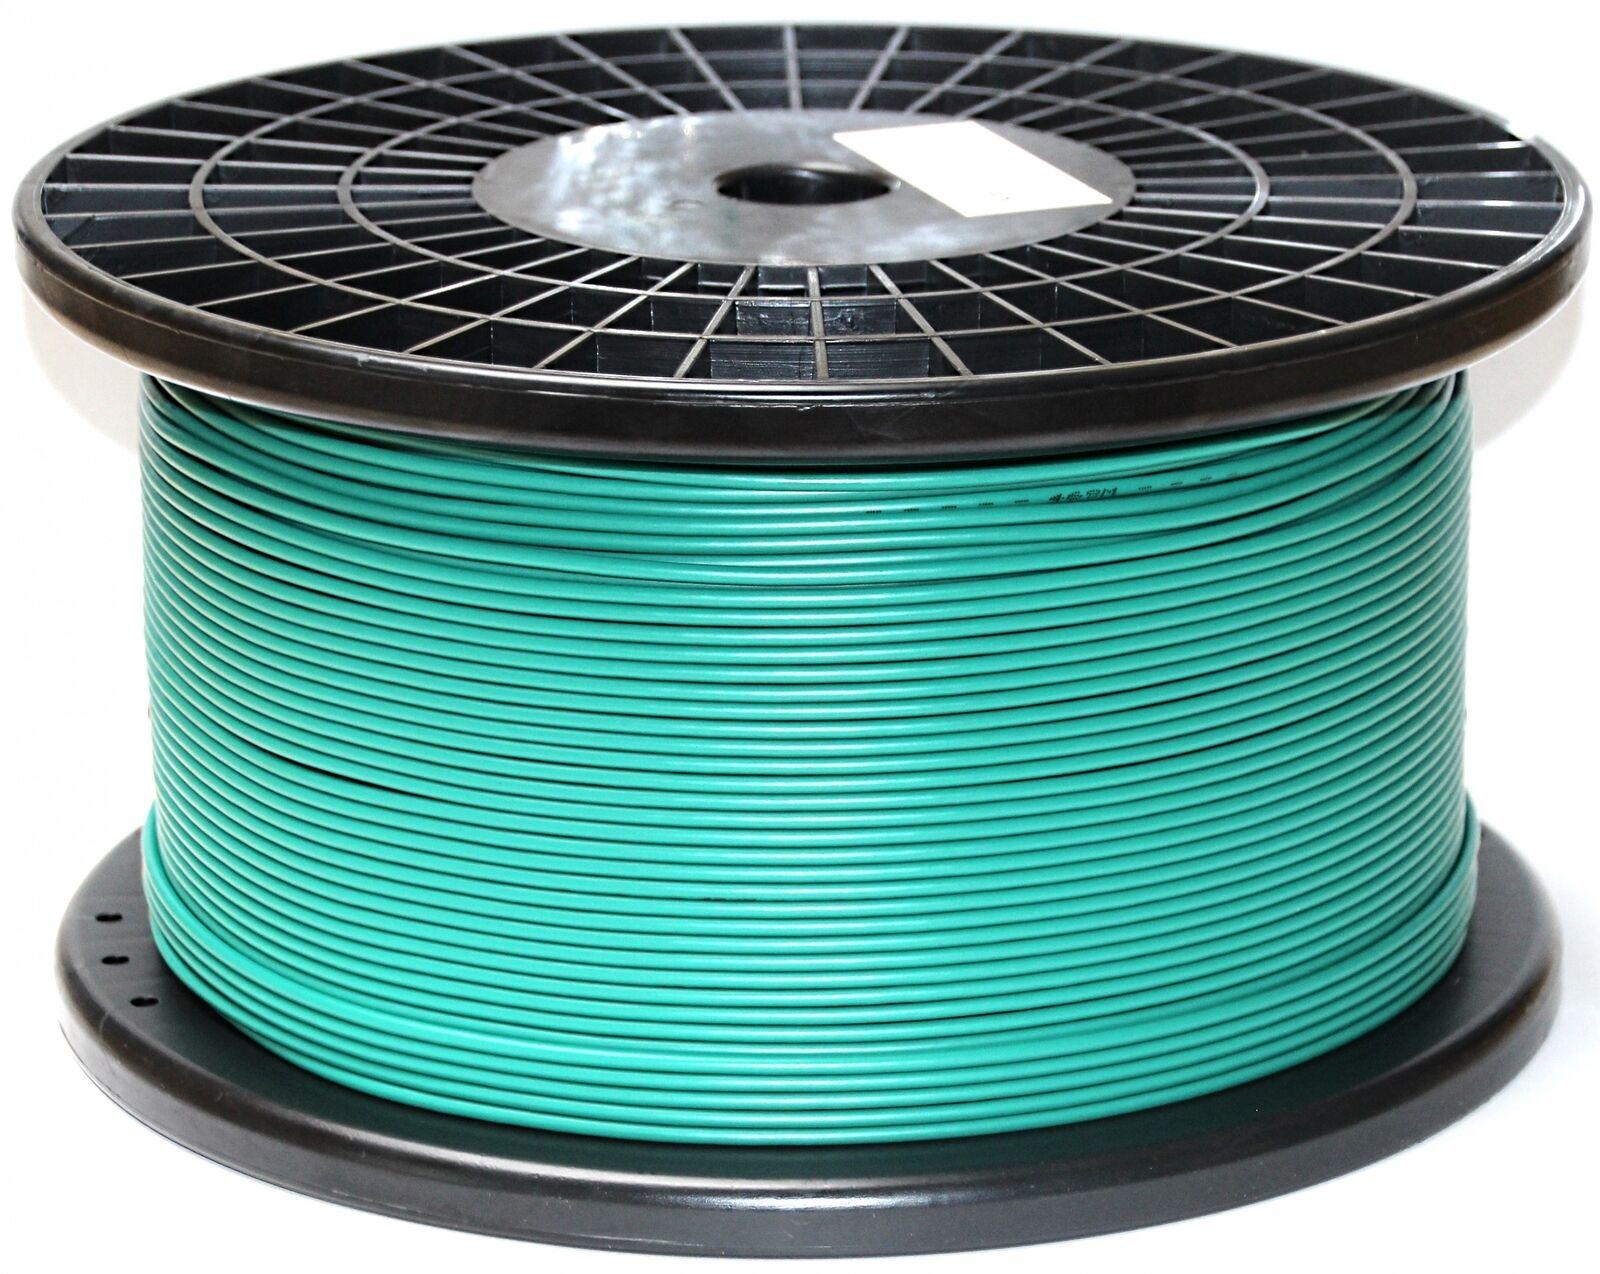 Cavo d'installazione limite 500 F Yardforce SC 600 eco SA900 SA600 H Ø2, 7mm